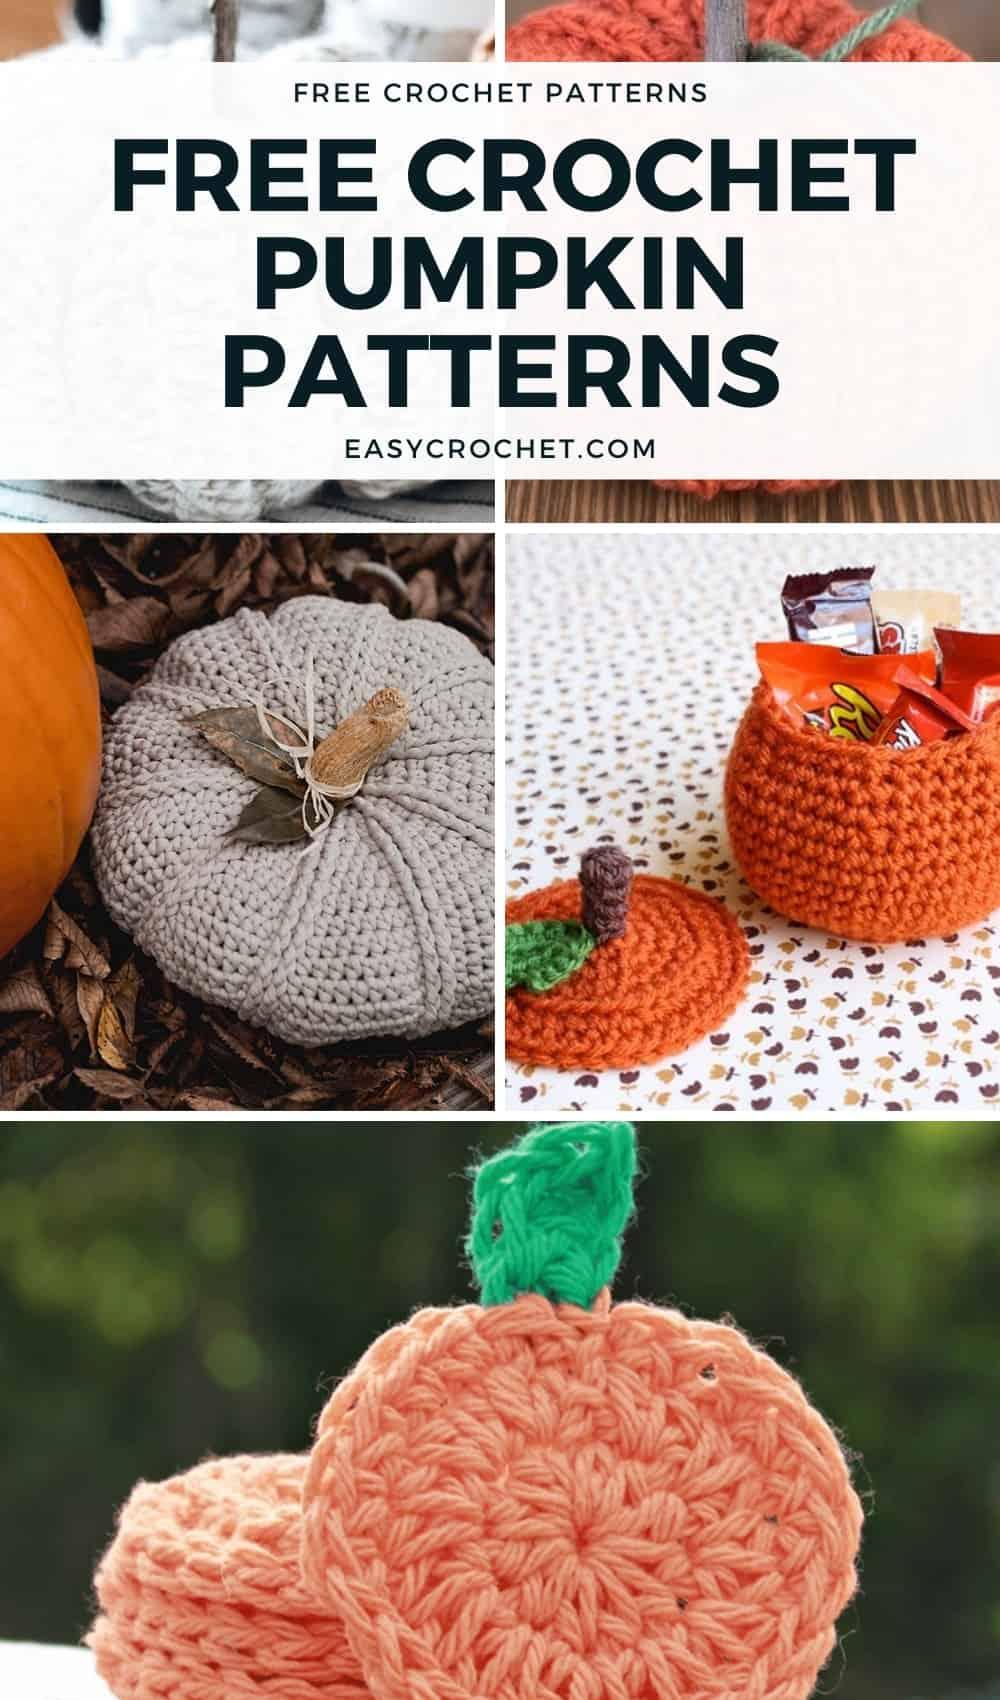 Crochet Pumpkin Patterns